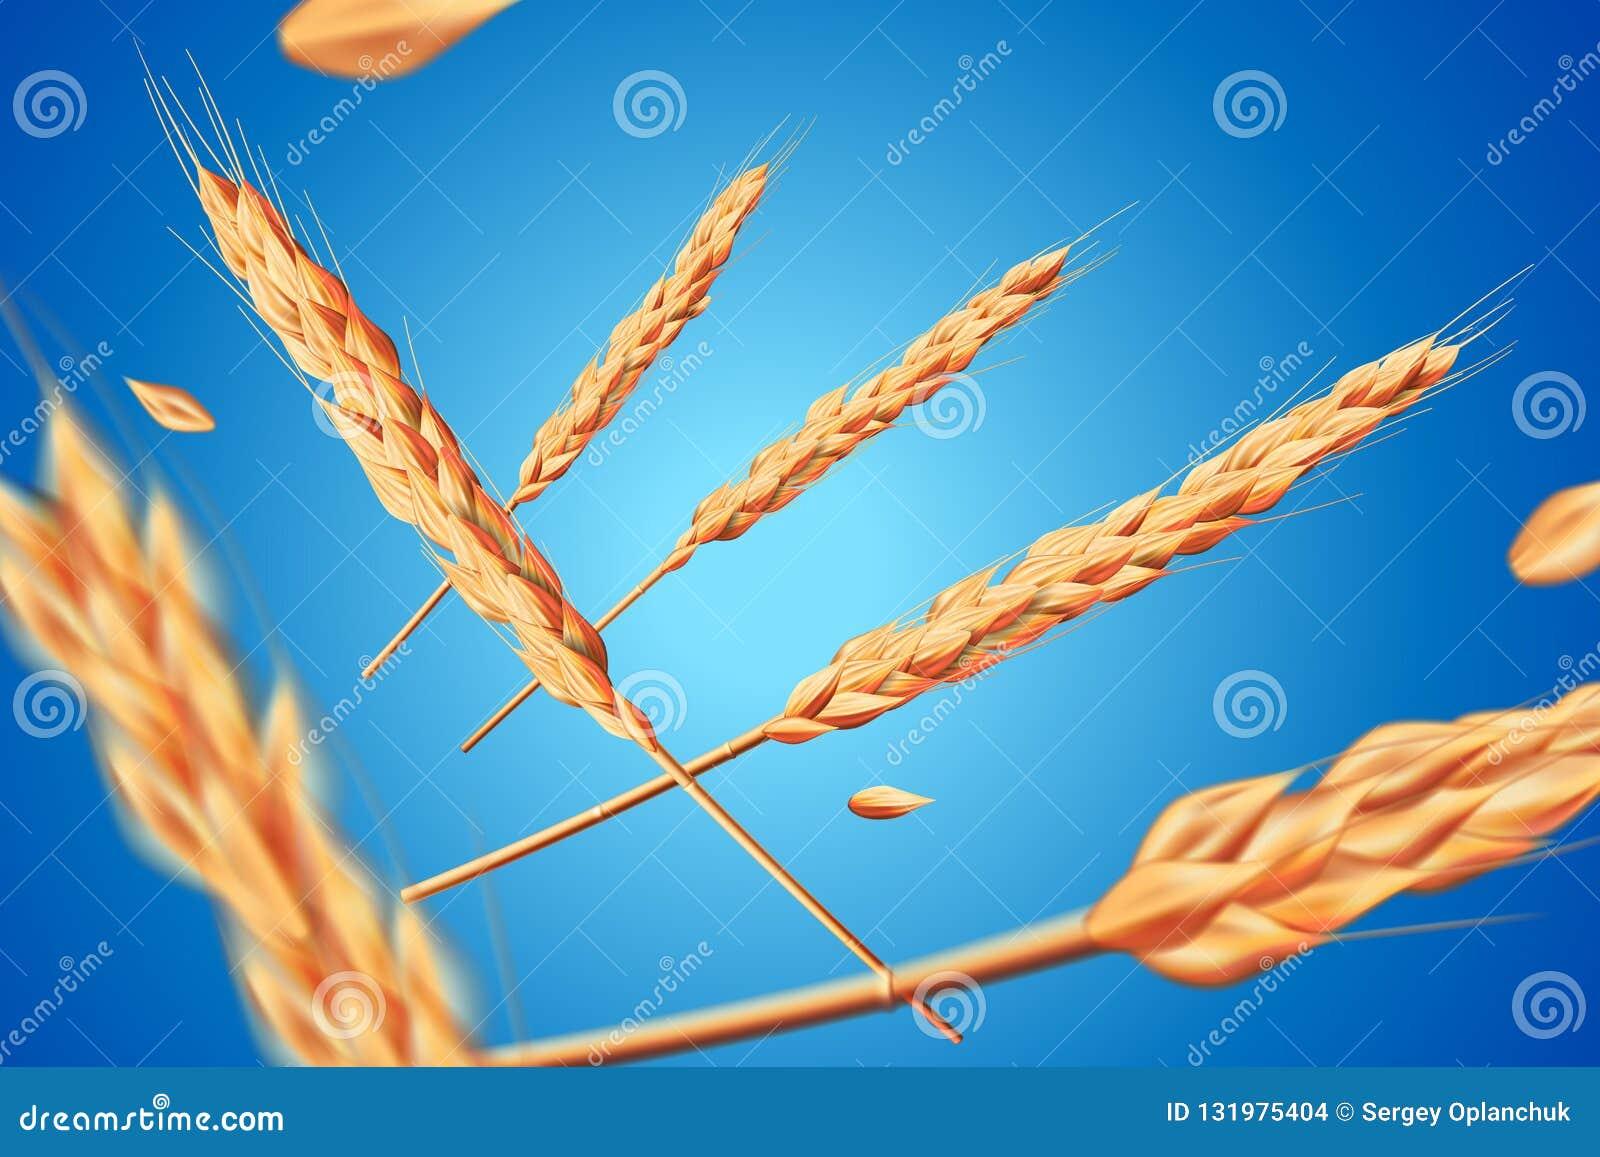 现实麦子燕麦元素 在健康食品或农业设计的蓝色背景隔绝的飞行的详细的大麦